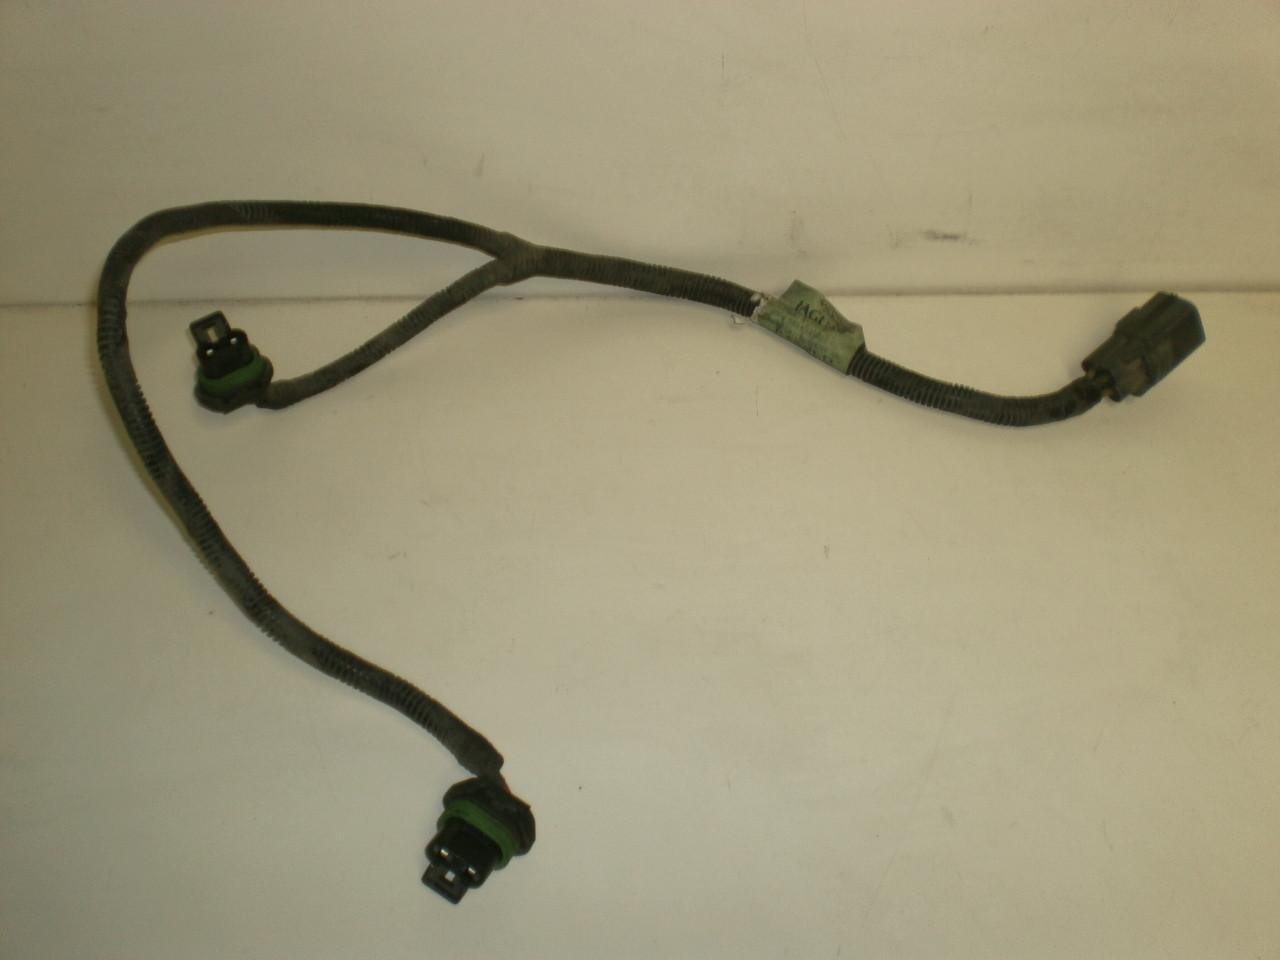 hight resolution of 1998 2002 jaguar xj8 vanden plas front seat tan head rest support fan wire harness